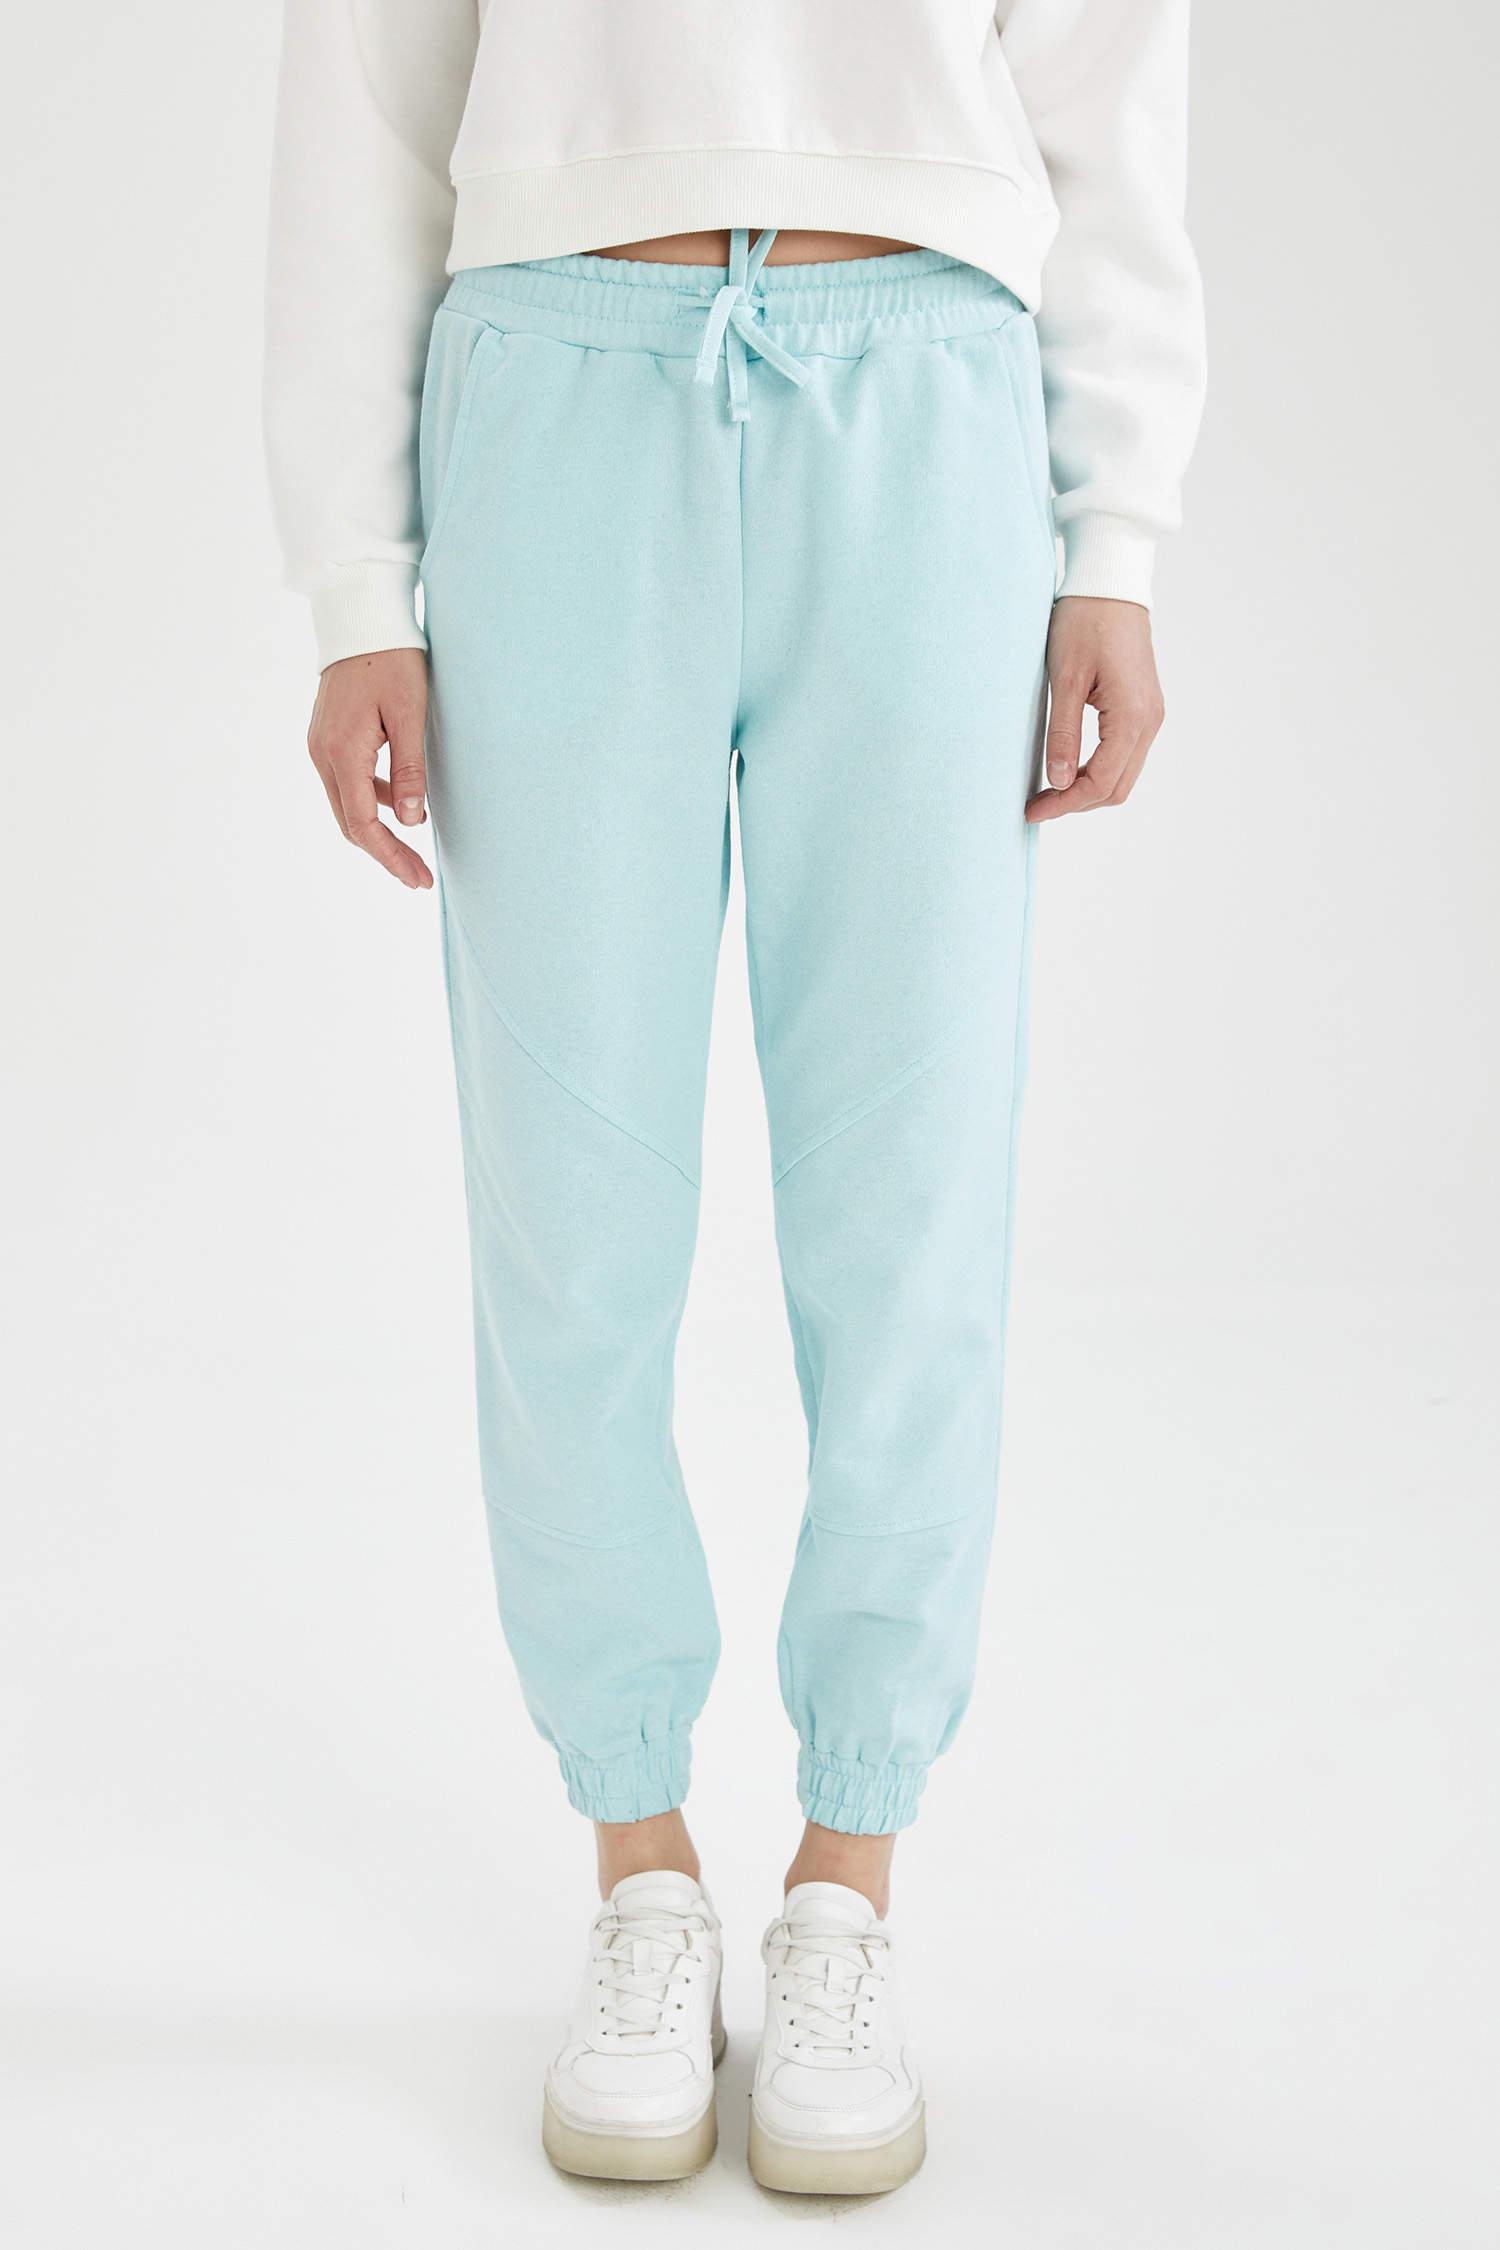 Спортивные штаны DeFacto, Color: Голубой, Size: S, 2 image